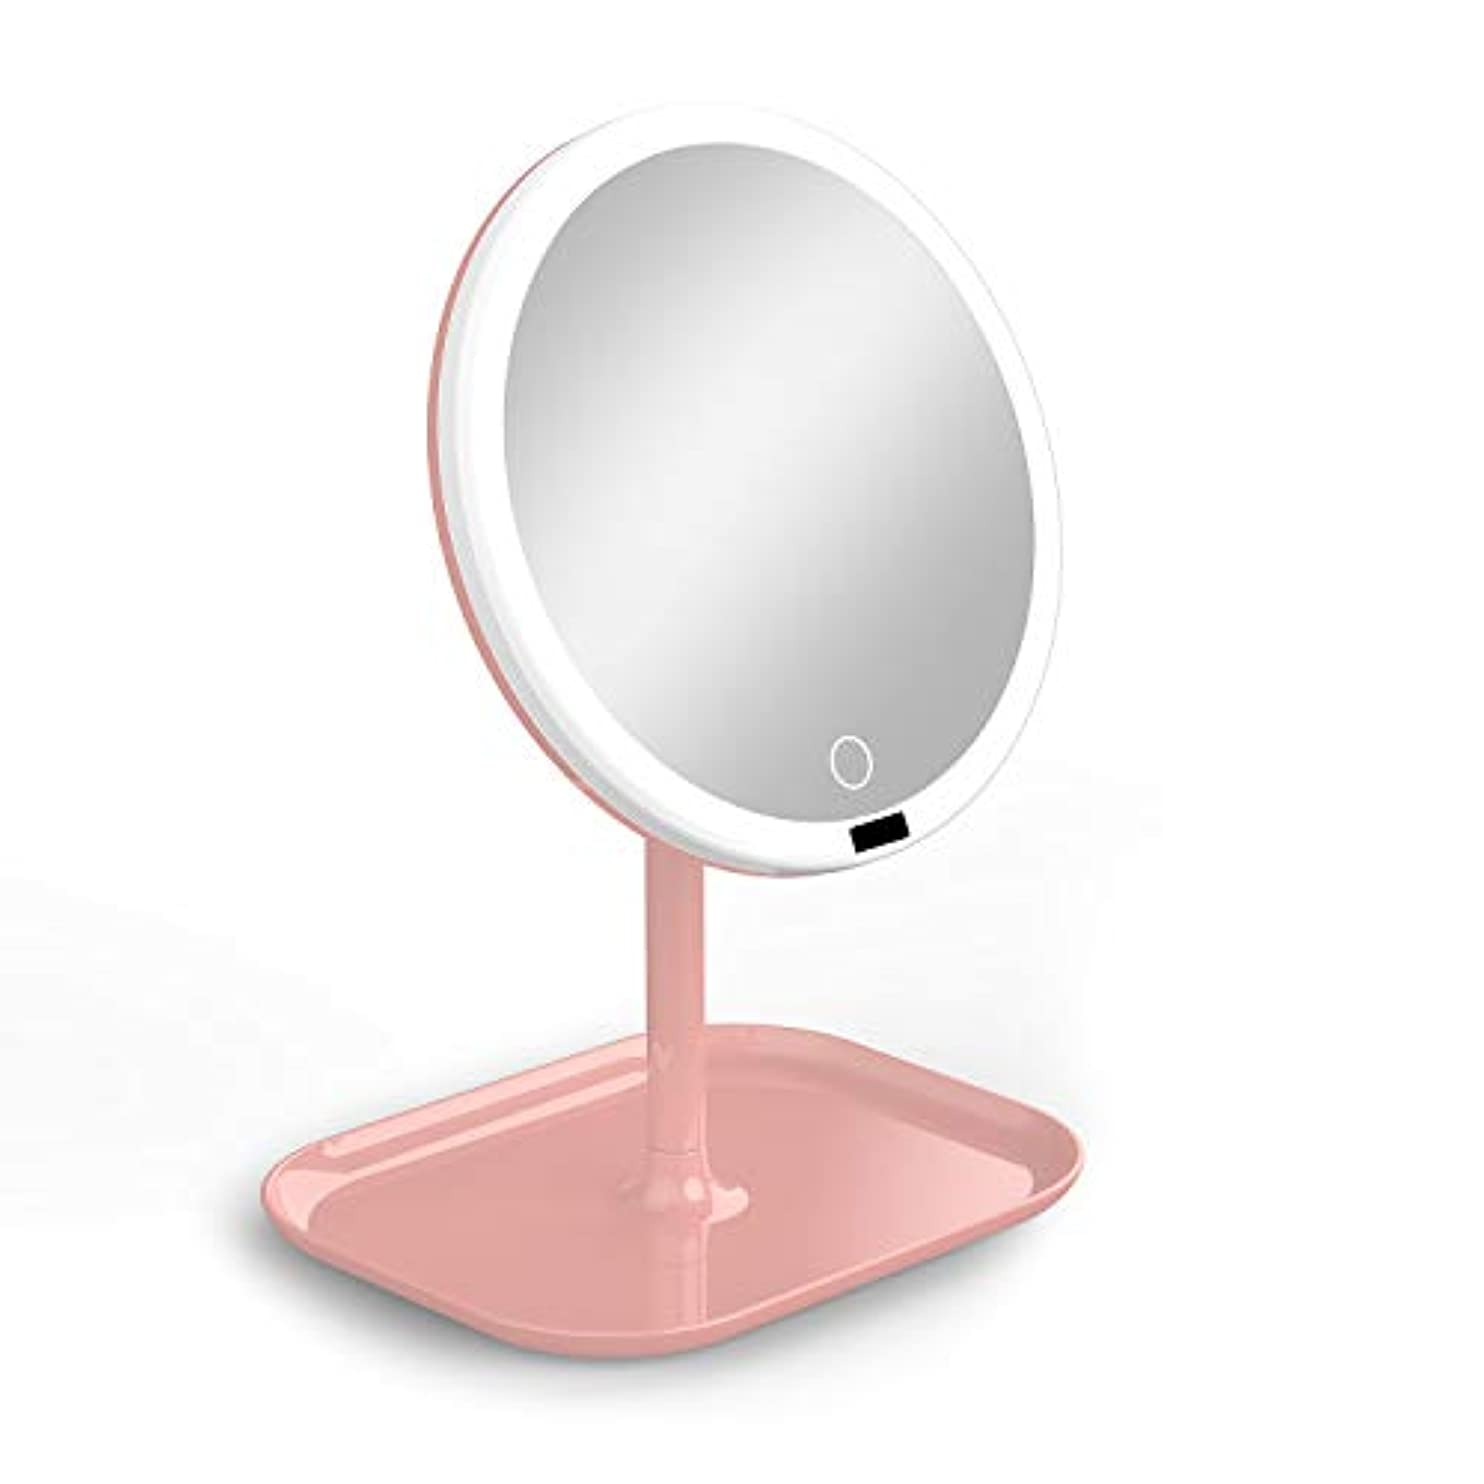 植物学者委託責任La Farah 化粧鏡 化粧ミラー LEDライト付き 卓上鏡 女優ミラー 3段階明るさ調節可能 180度回転 コードレス 充電式 円型